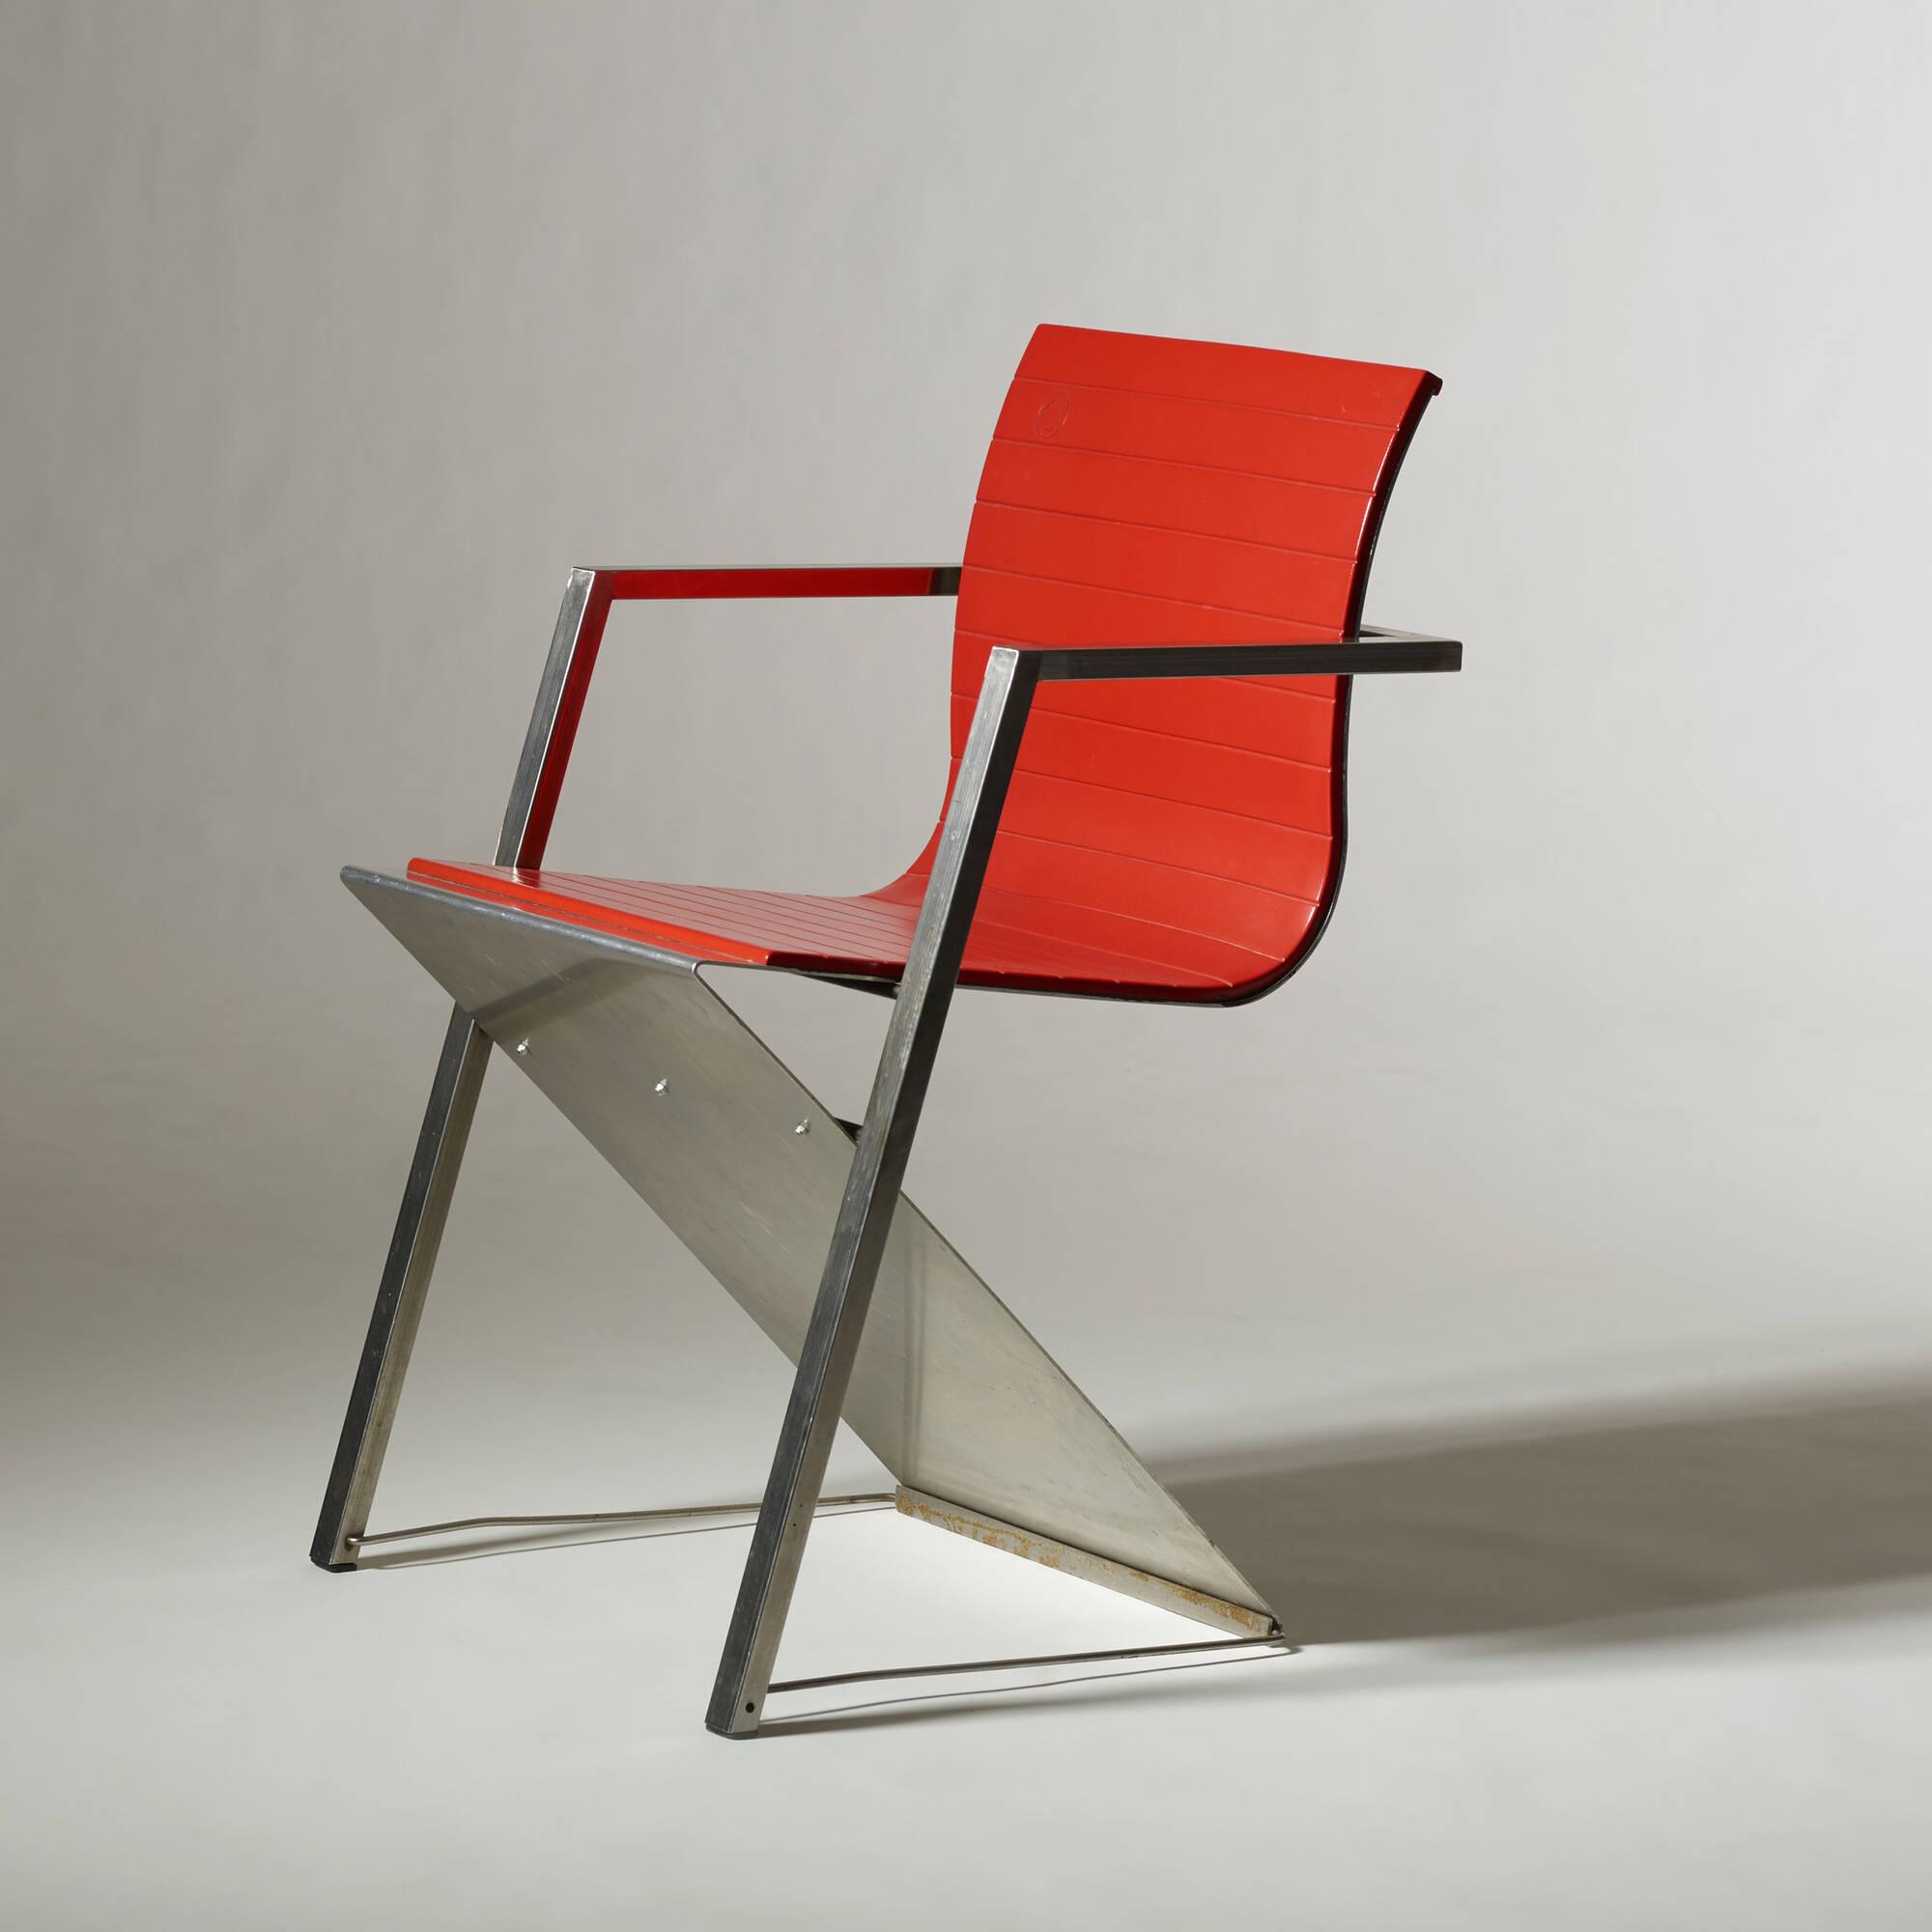 273: Reinhard Muller / d8 armchair (4 of 6)